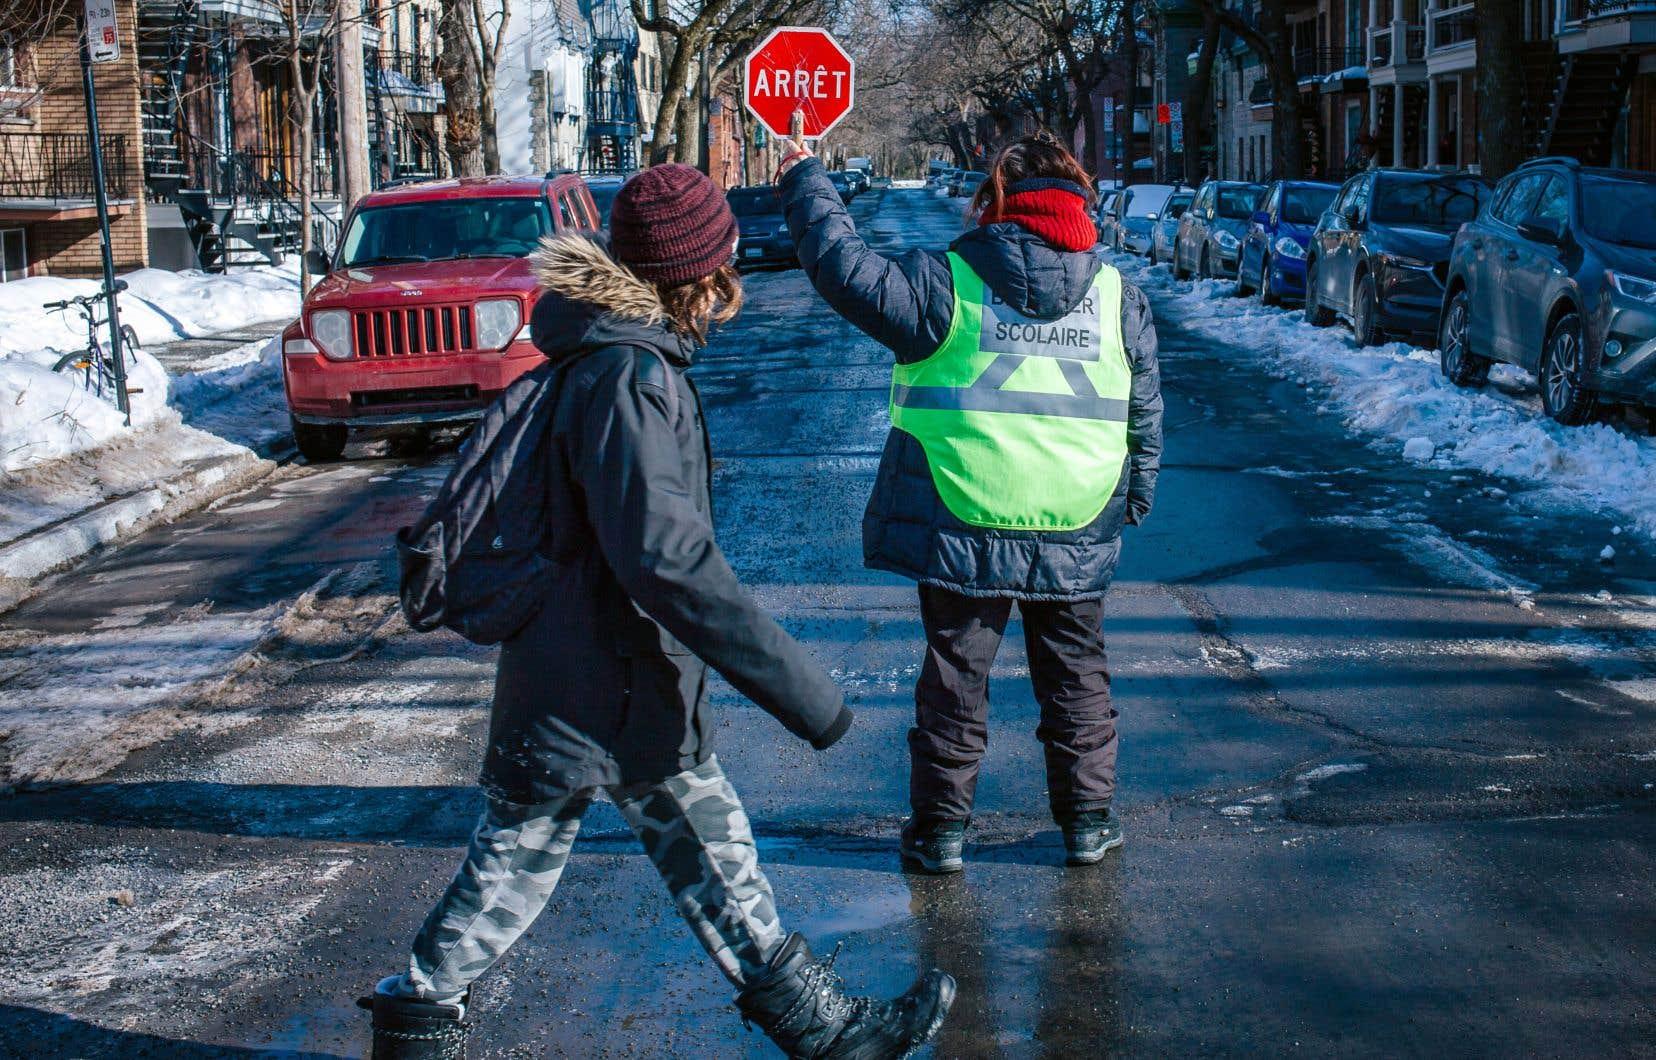 À l'heure actuelle, le nombre d'intersections dotées de brigadiers s'élève à 521 à Montréal pour un budget de 9 millions.